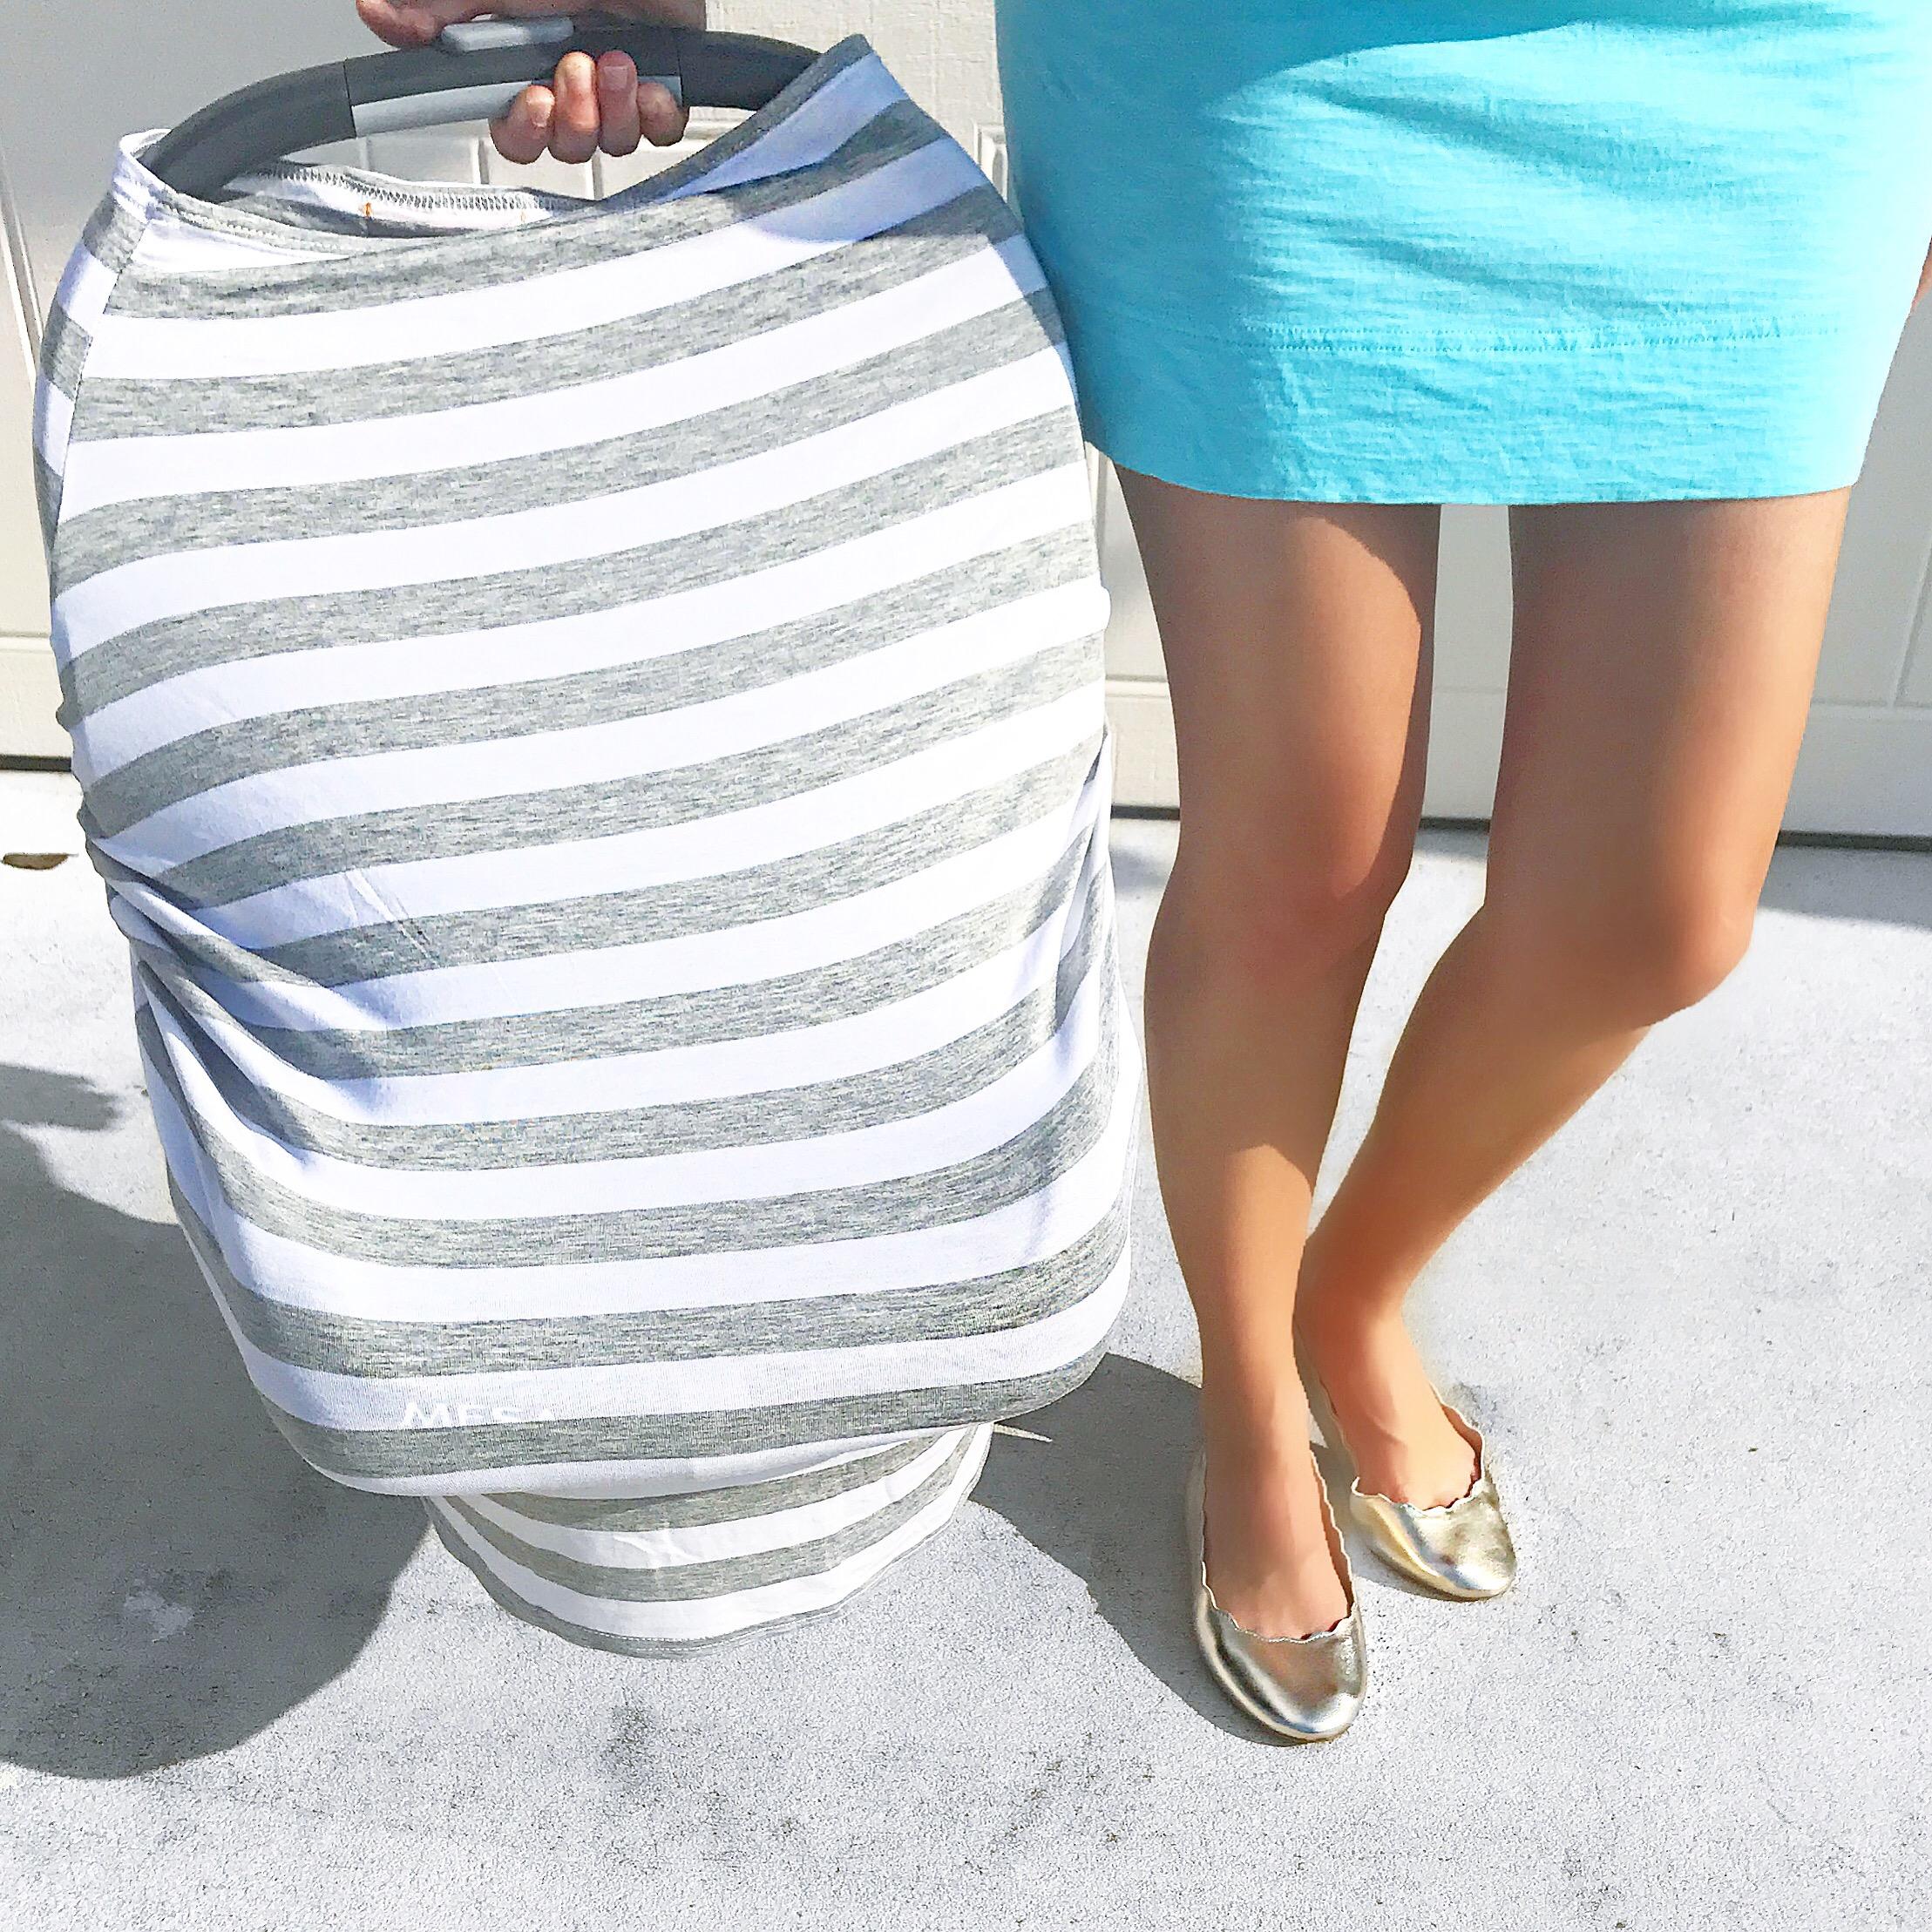 Cradle Plus Baby Car Seat Cover